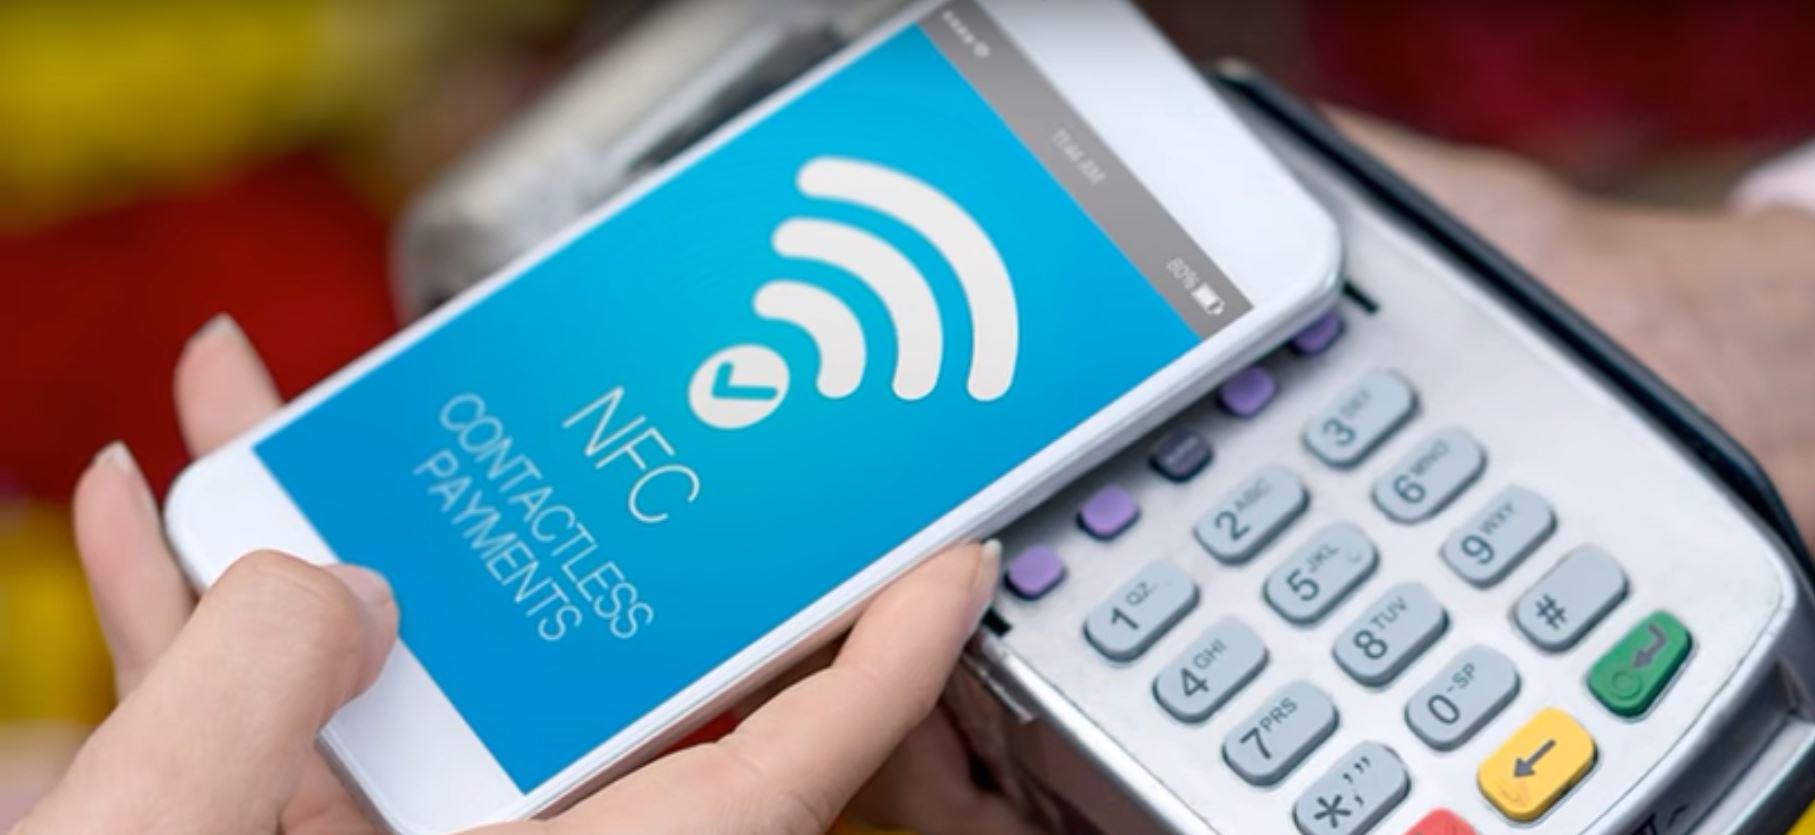 Сравнение систем контроля доступа RFID и NFC